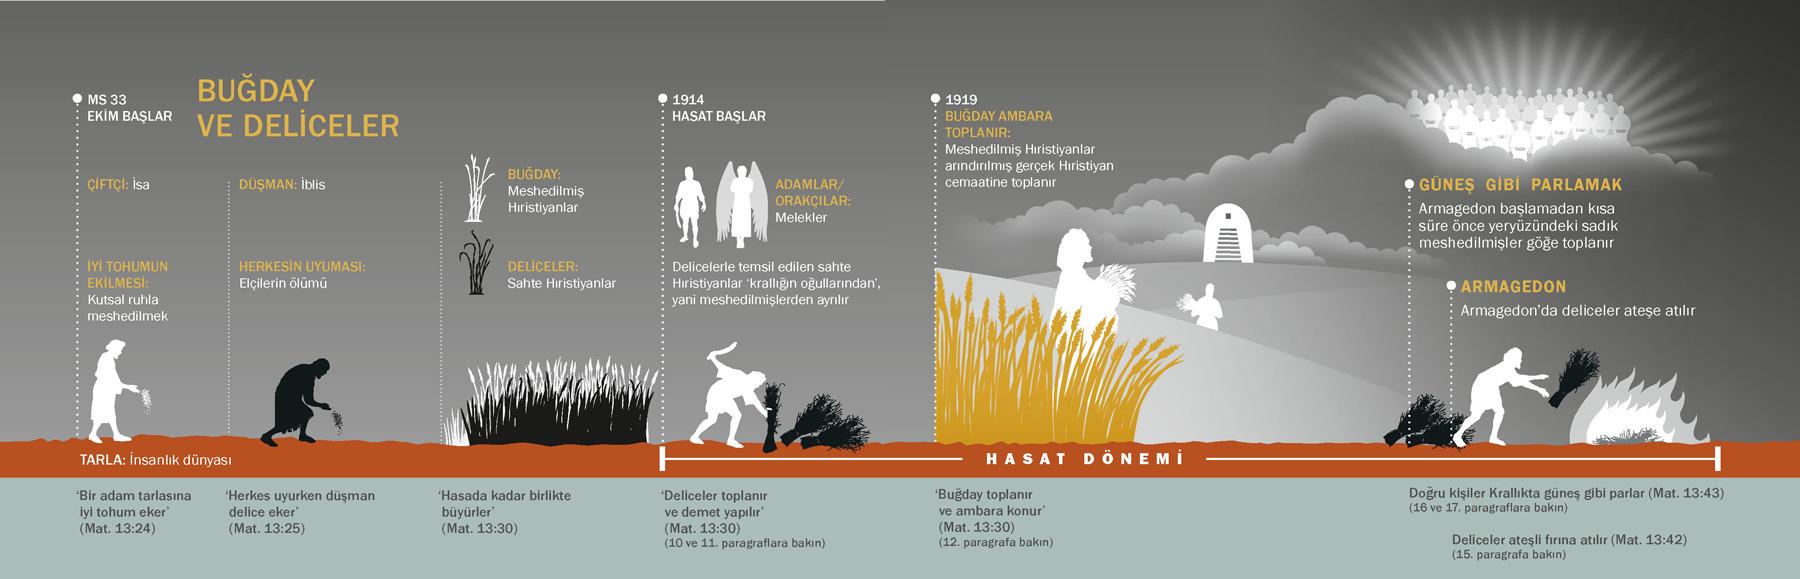 Geline Buğday Atılmasının Nedeni